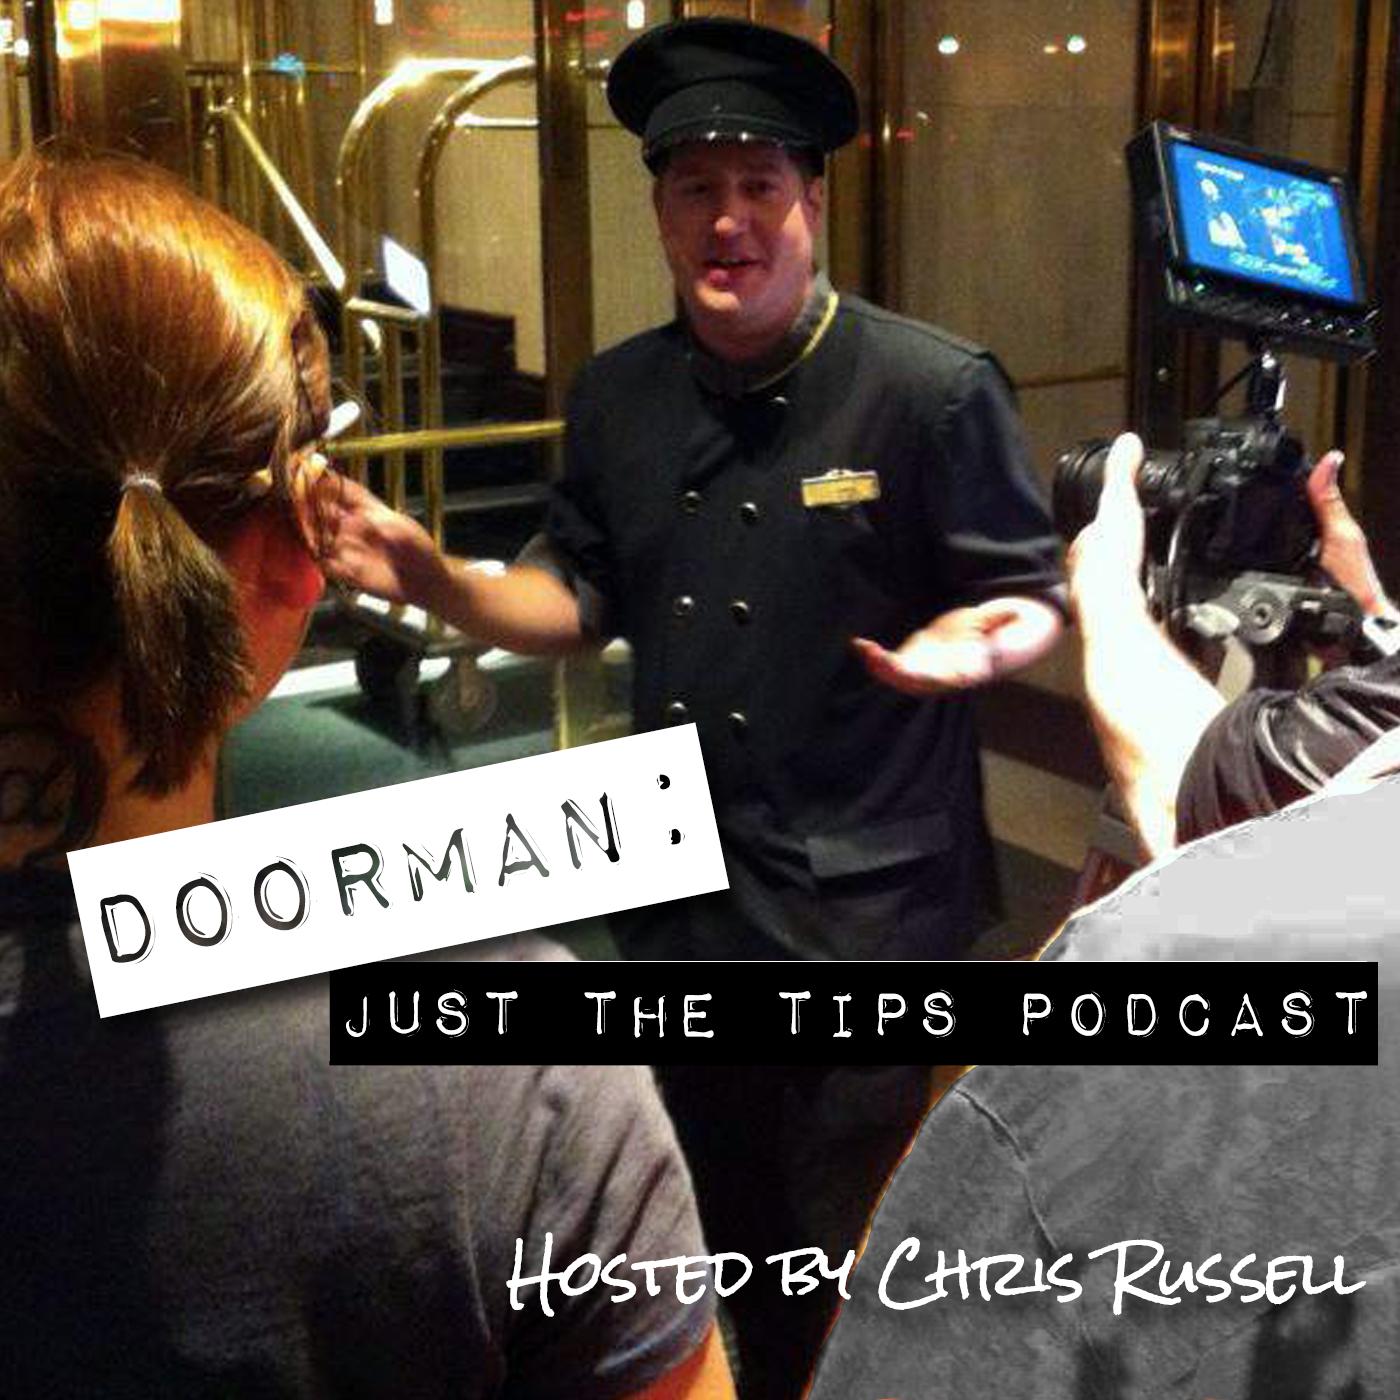 Doorman: Just the Tips